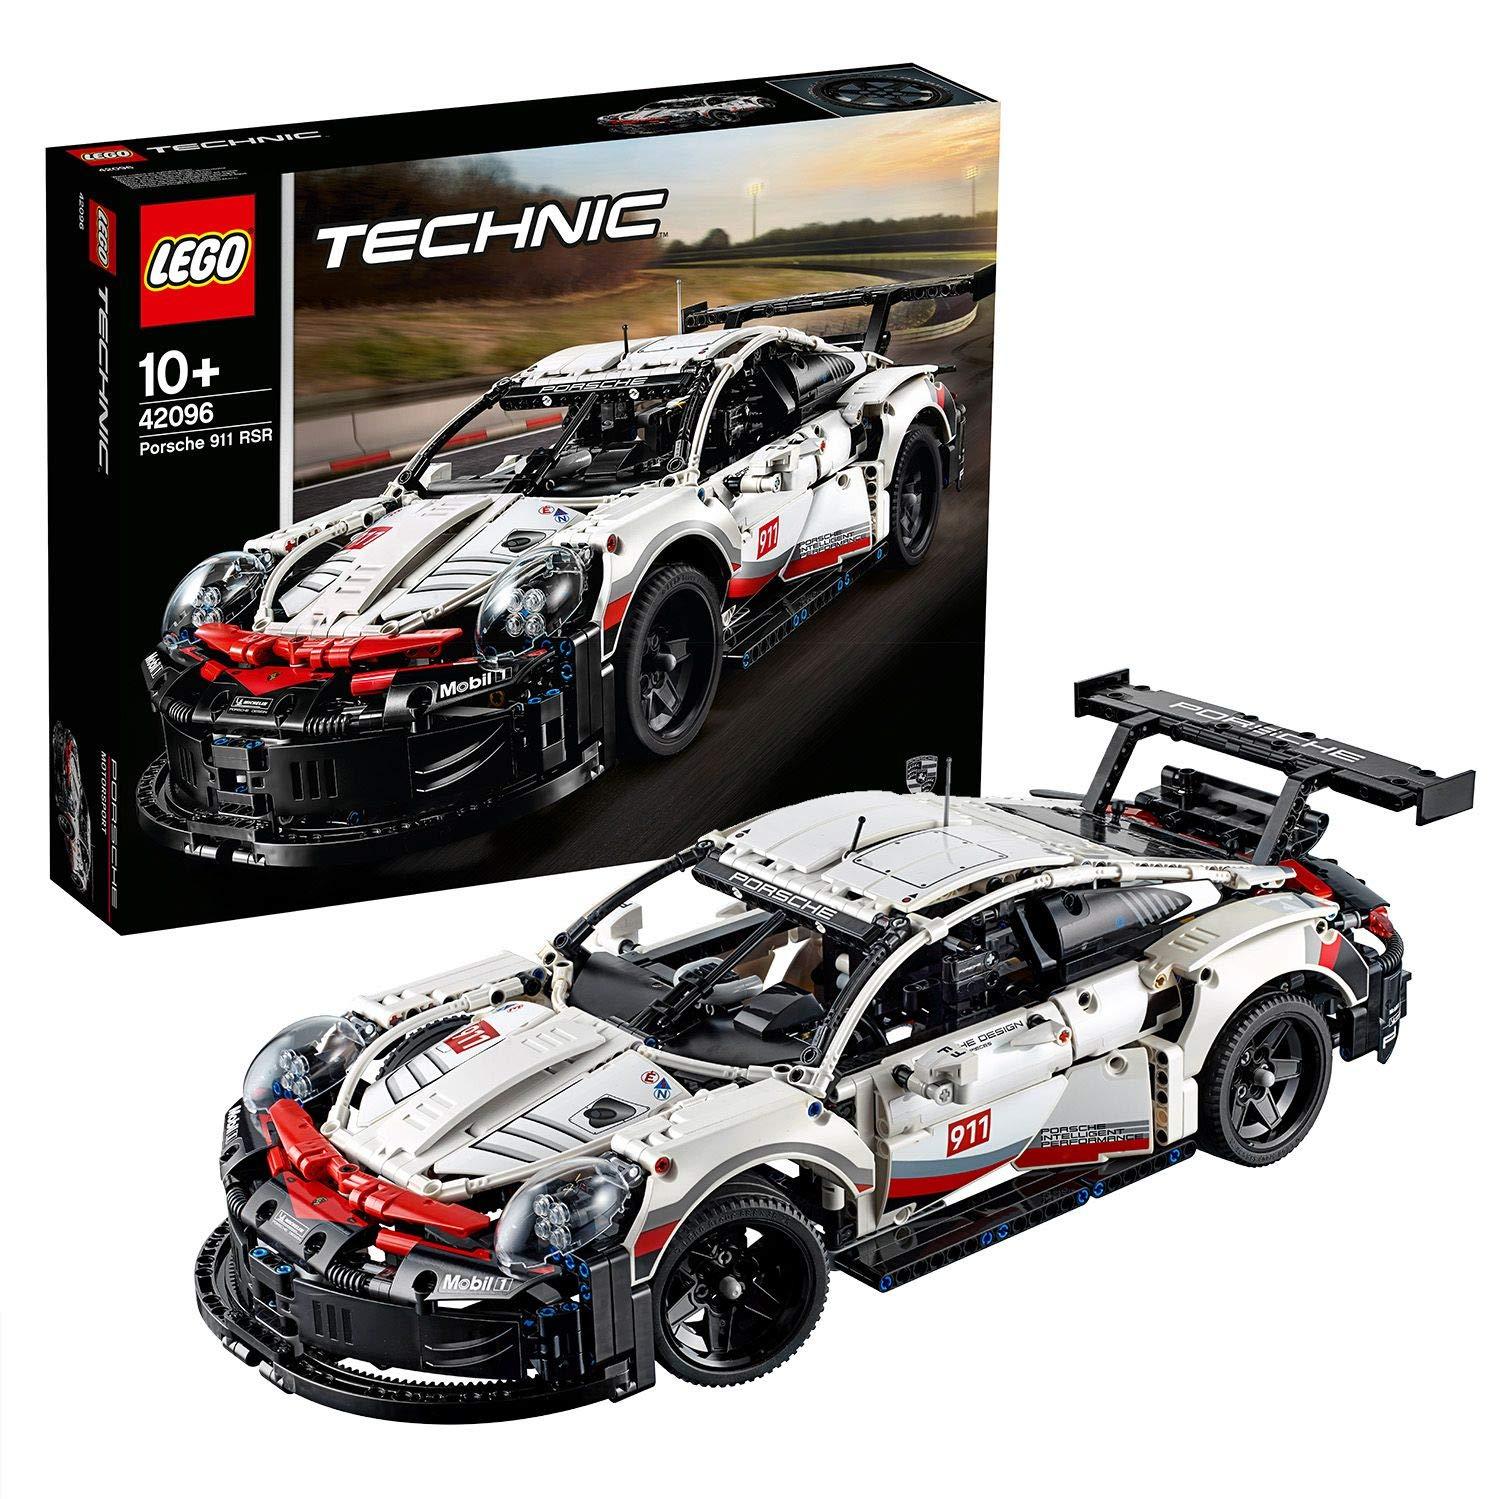 LEGO 42096 Technic Porsche 911 RSR, 1.580 Teile, Weiß, Rot und Schwarz